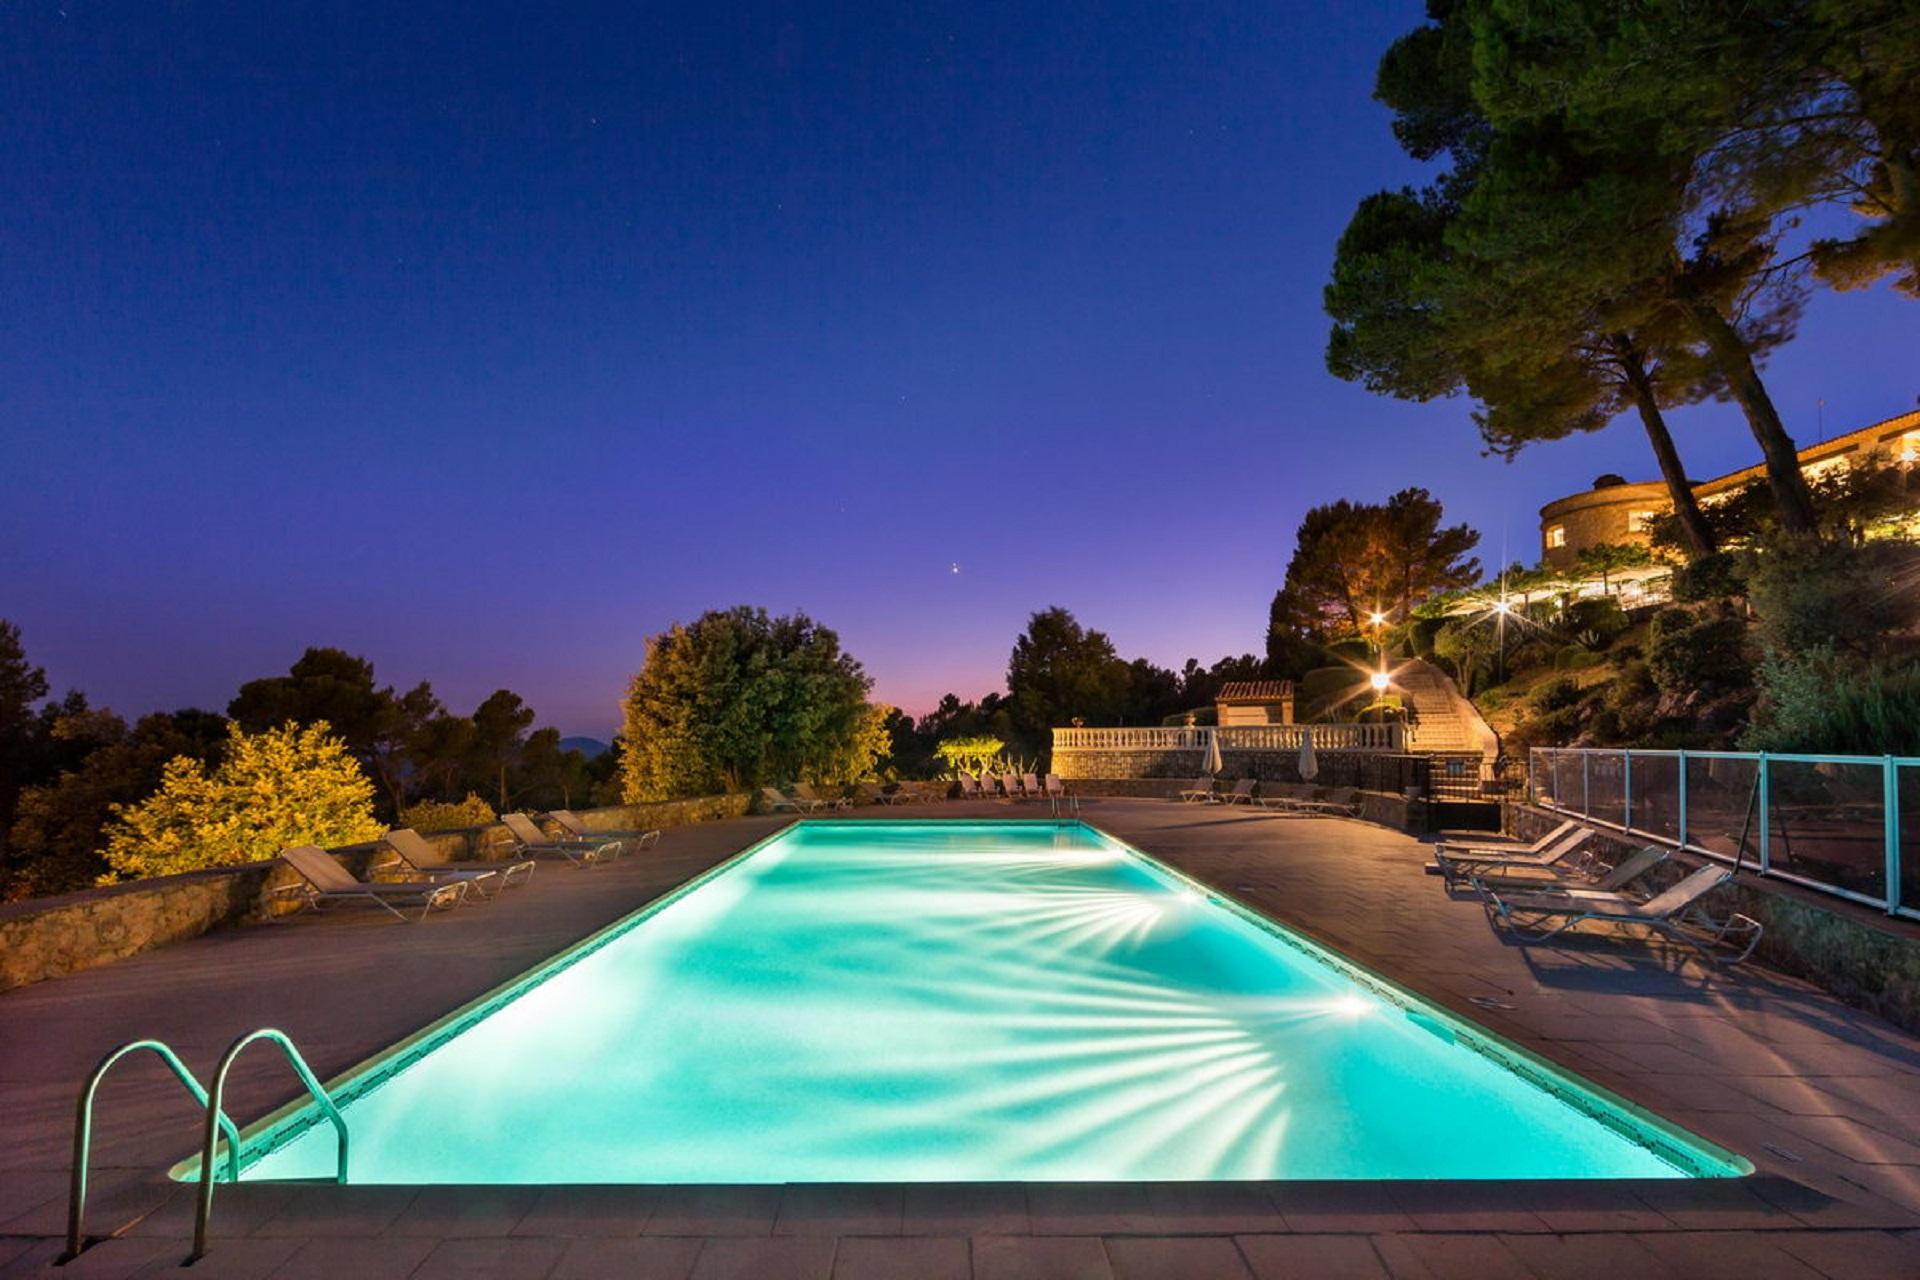 la-bastide-de-tourtour-sud-provence-var-piscine-nuit-seminaires-de-caractere